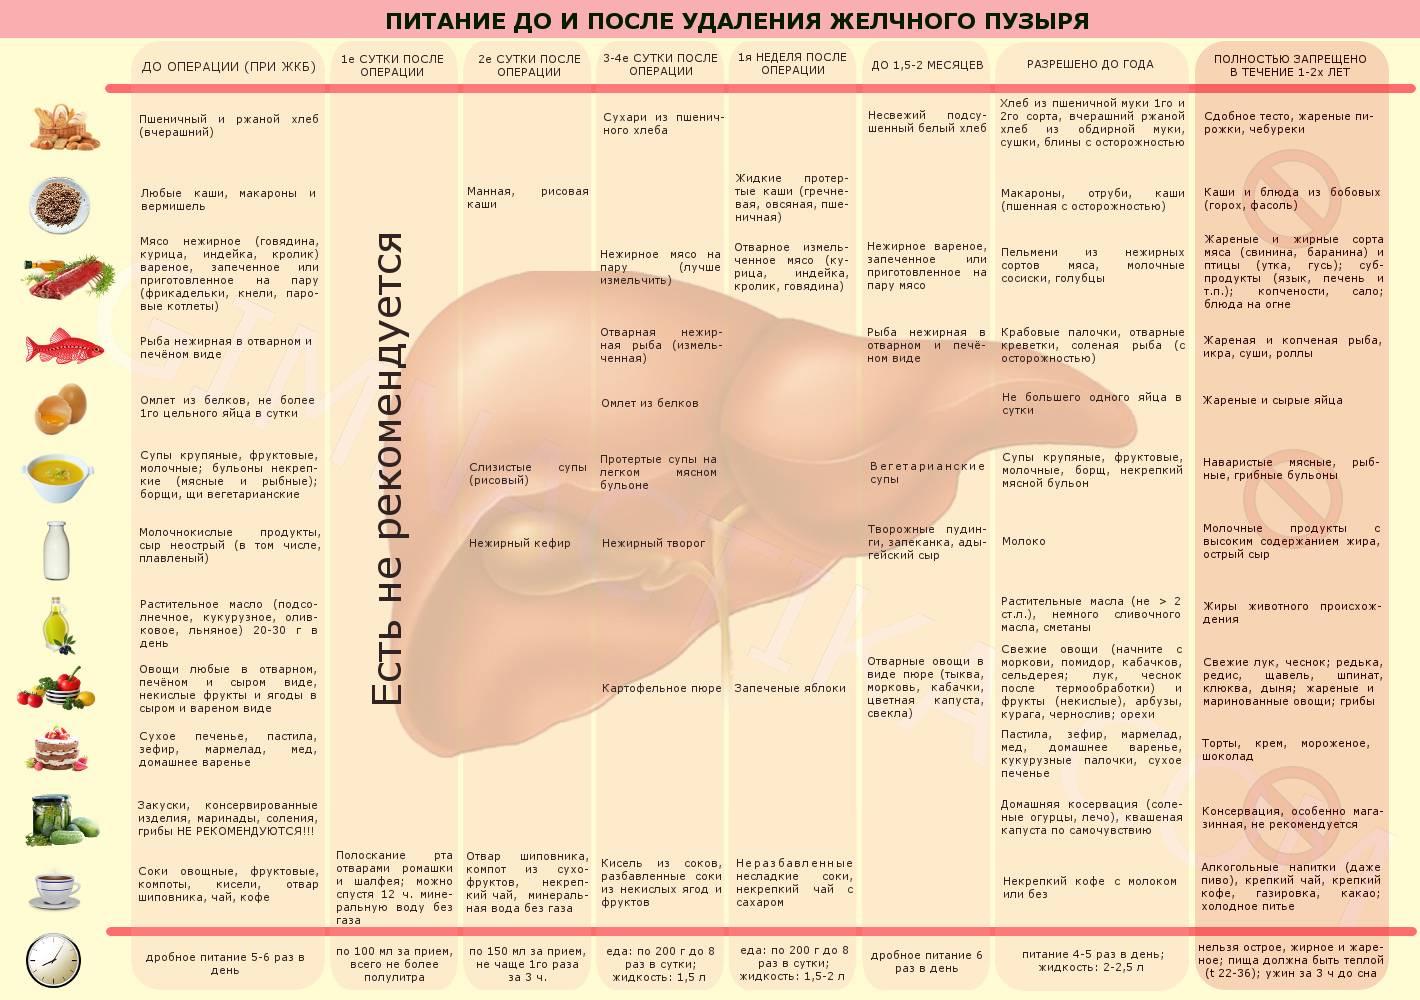 Диета после удаления аппендицита - что кушать в послеоперационный период и меню при реабилитации